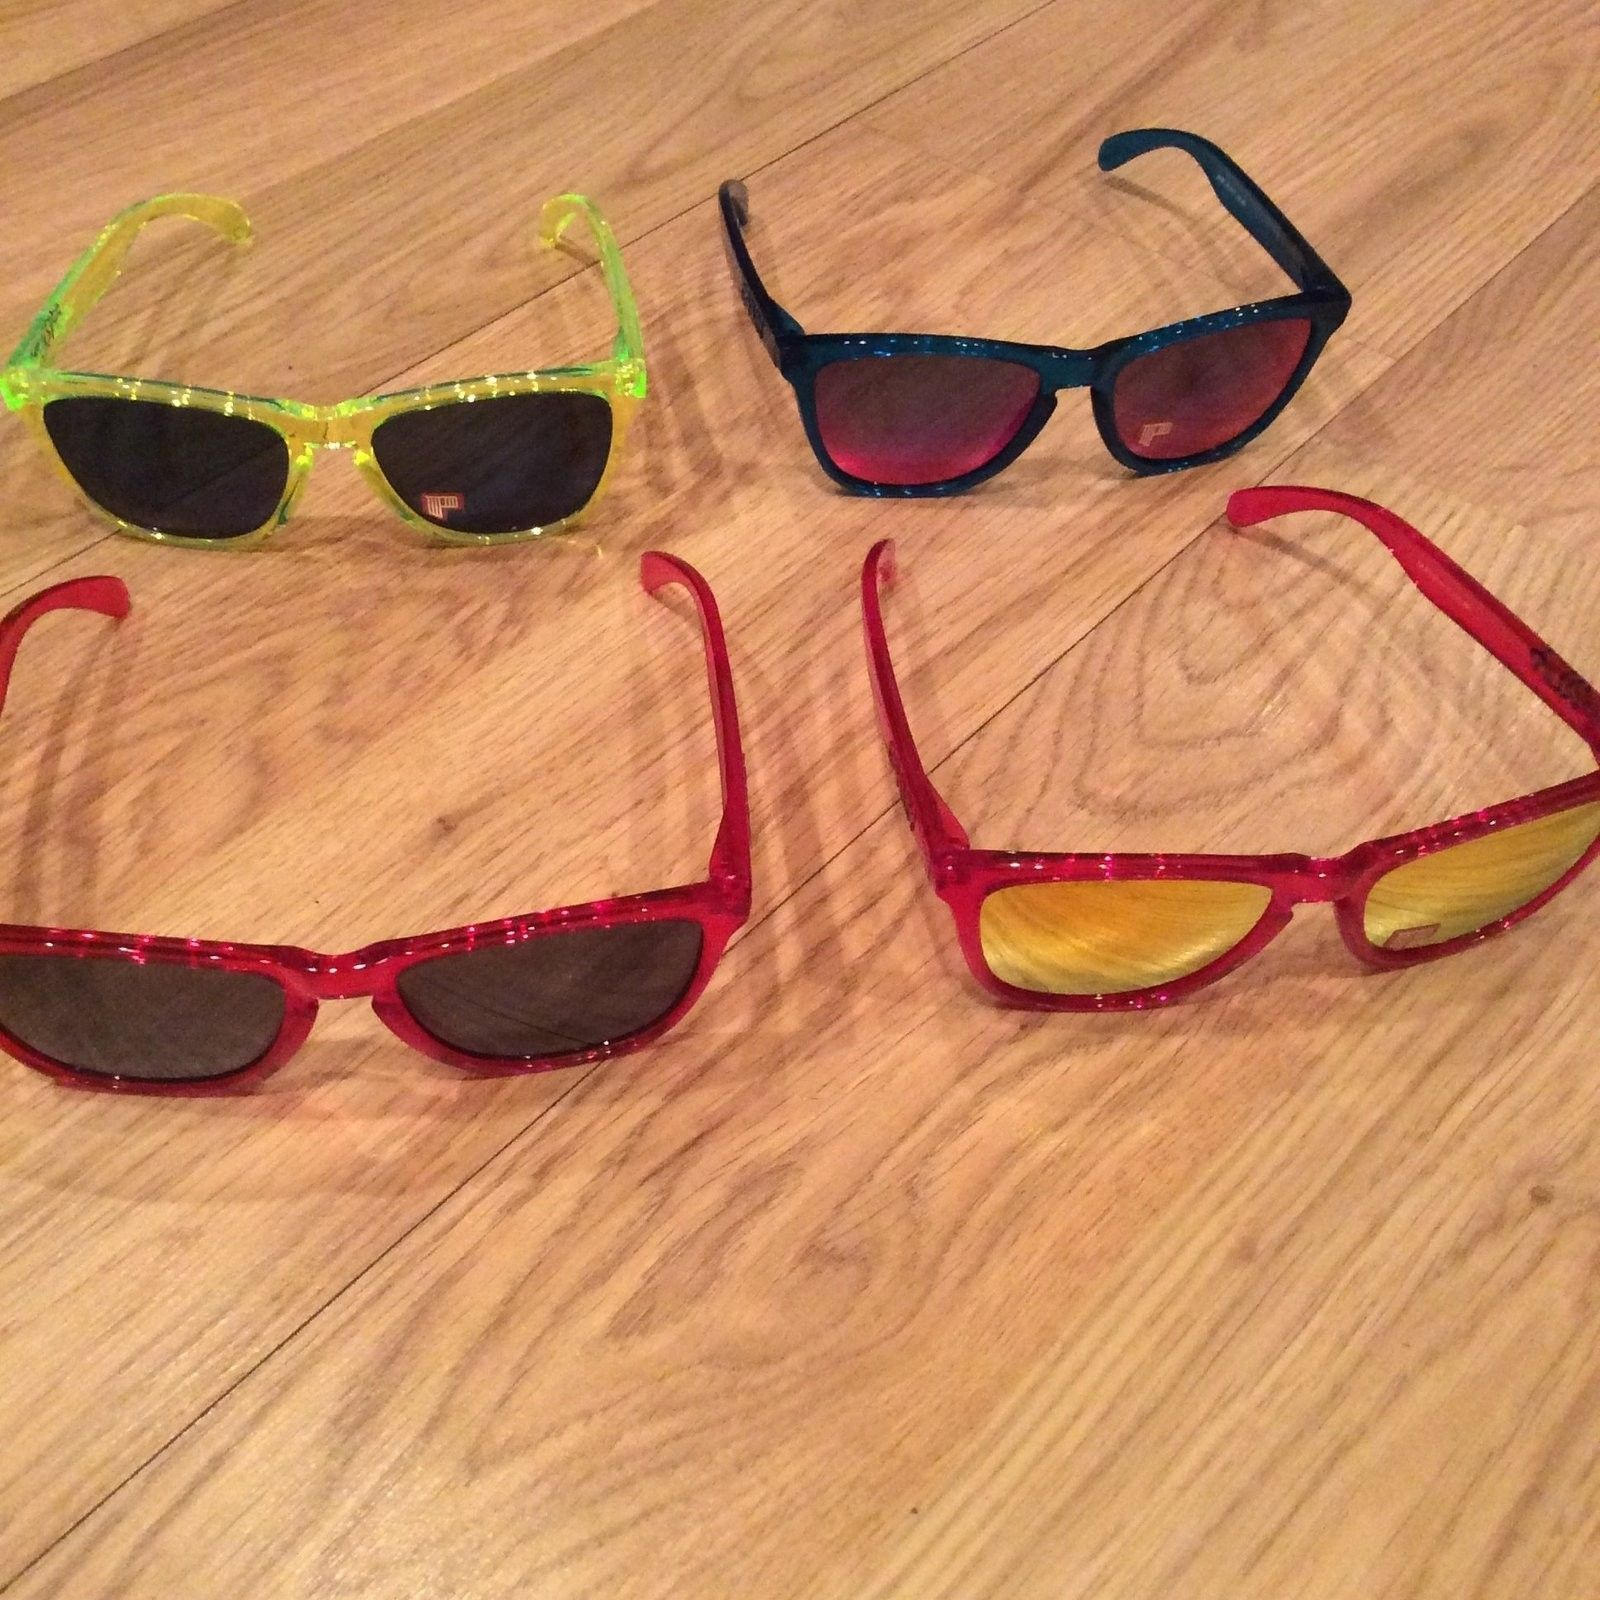 NWOB Frogskins $50 shipped - image.jpg